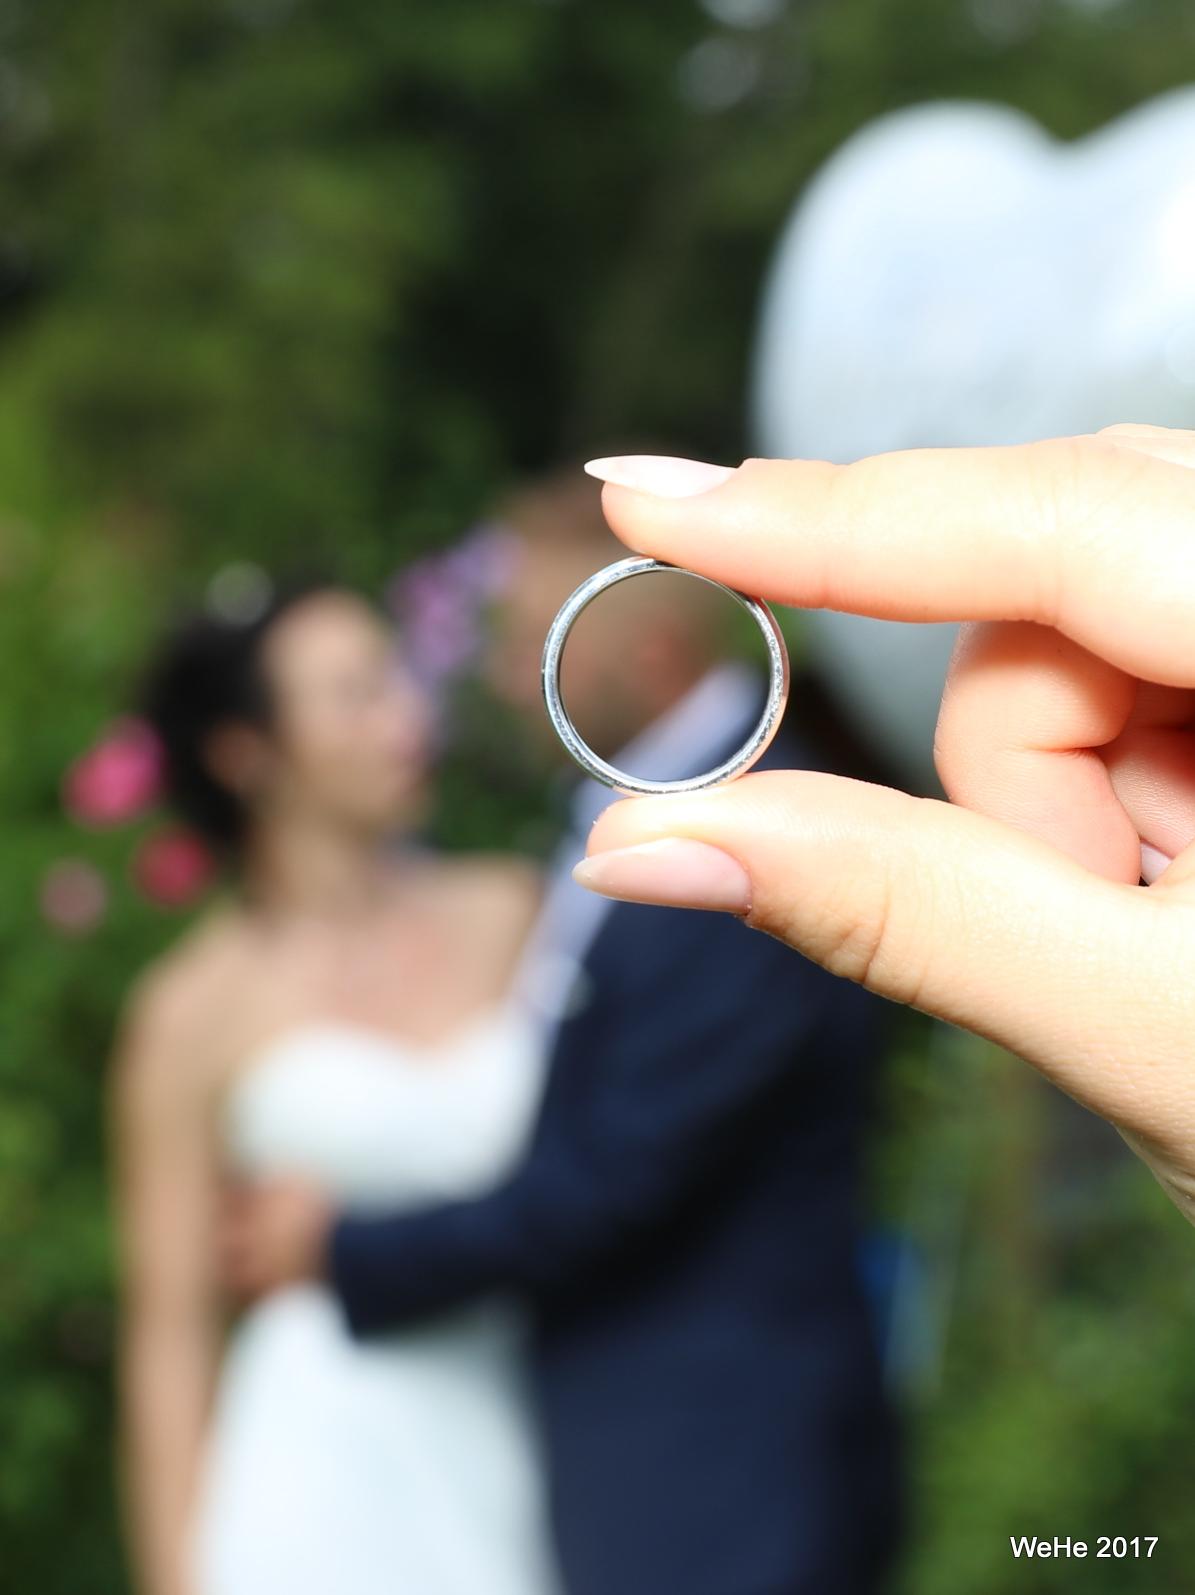 durch den Ring